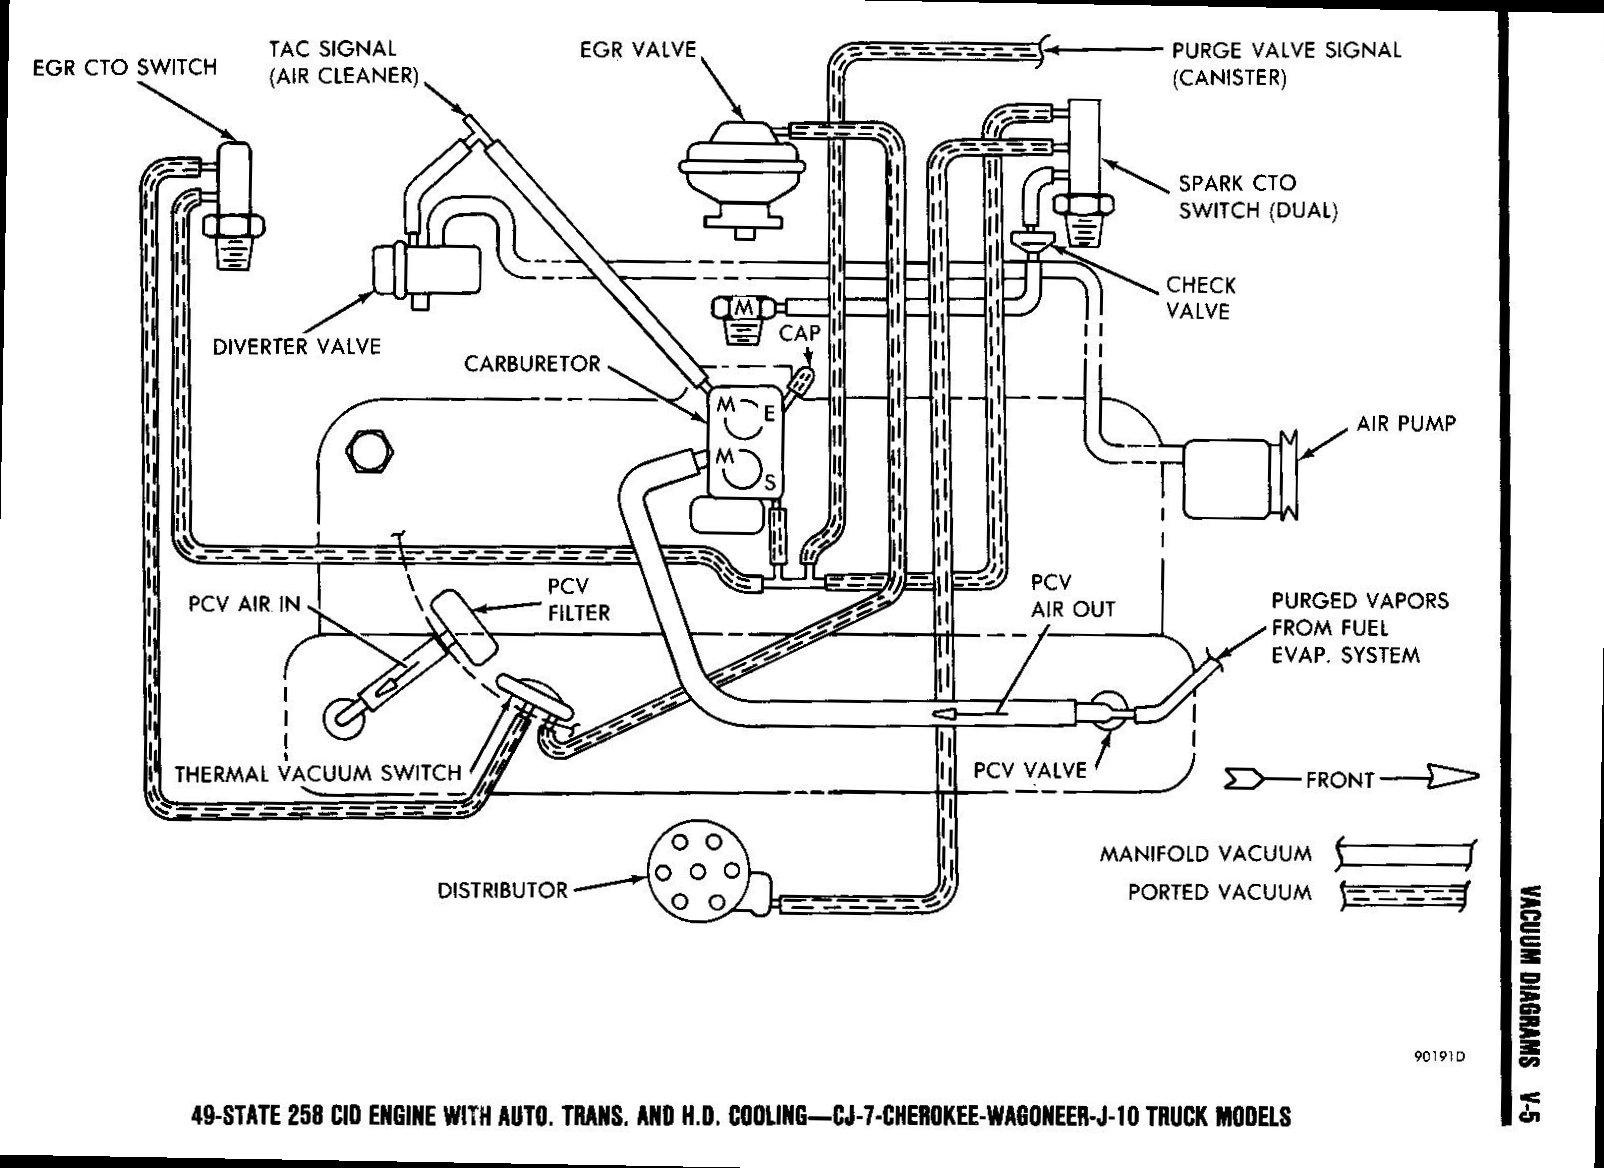 79 cj5 vacuum diagram